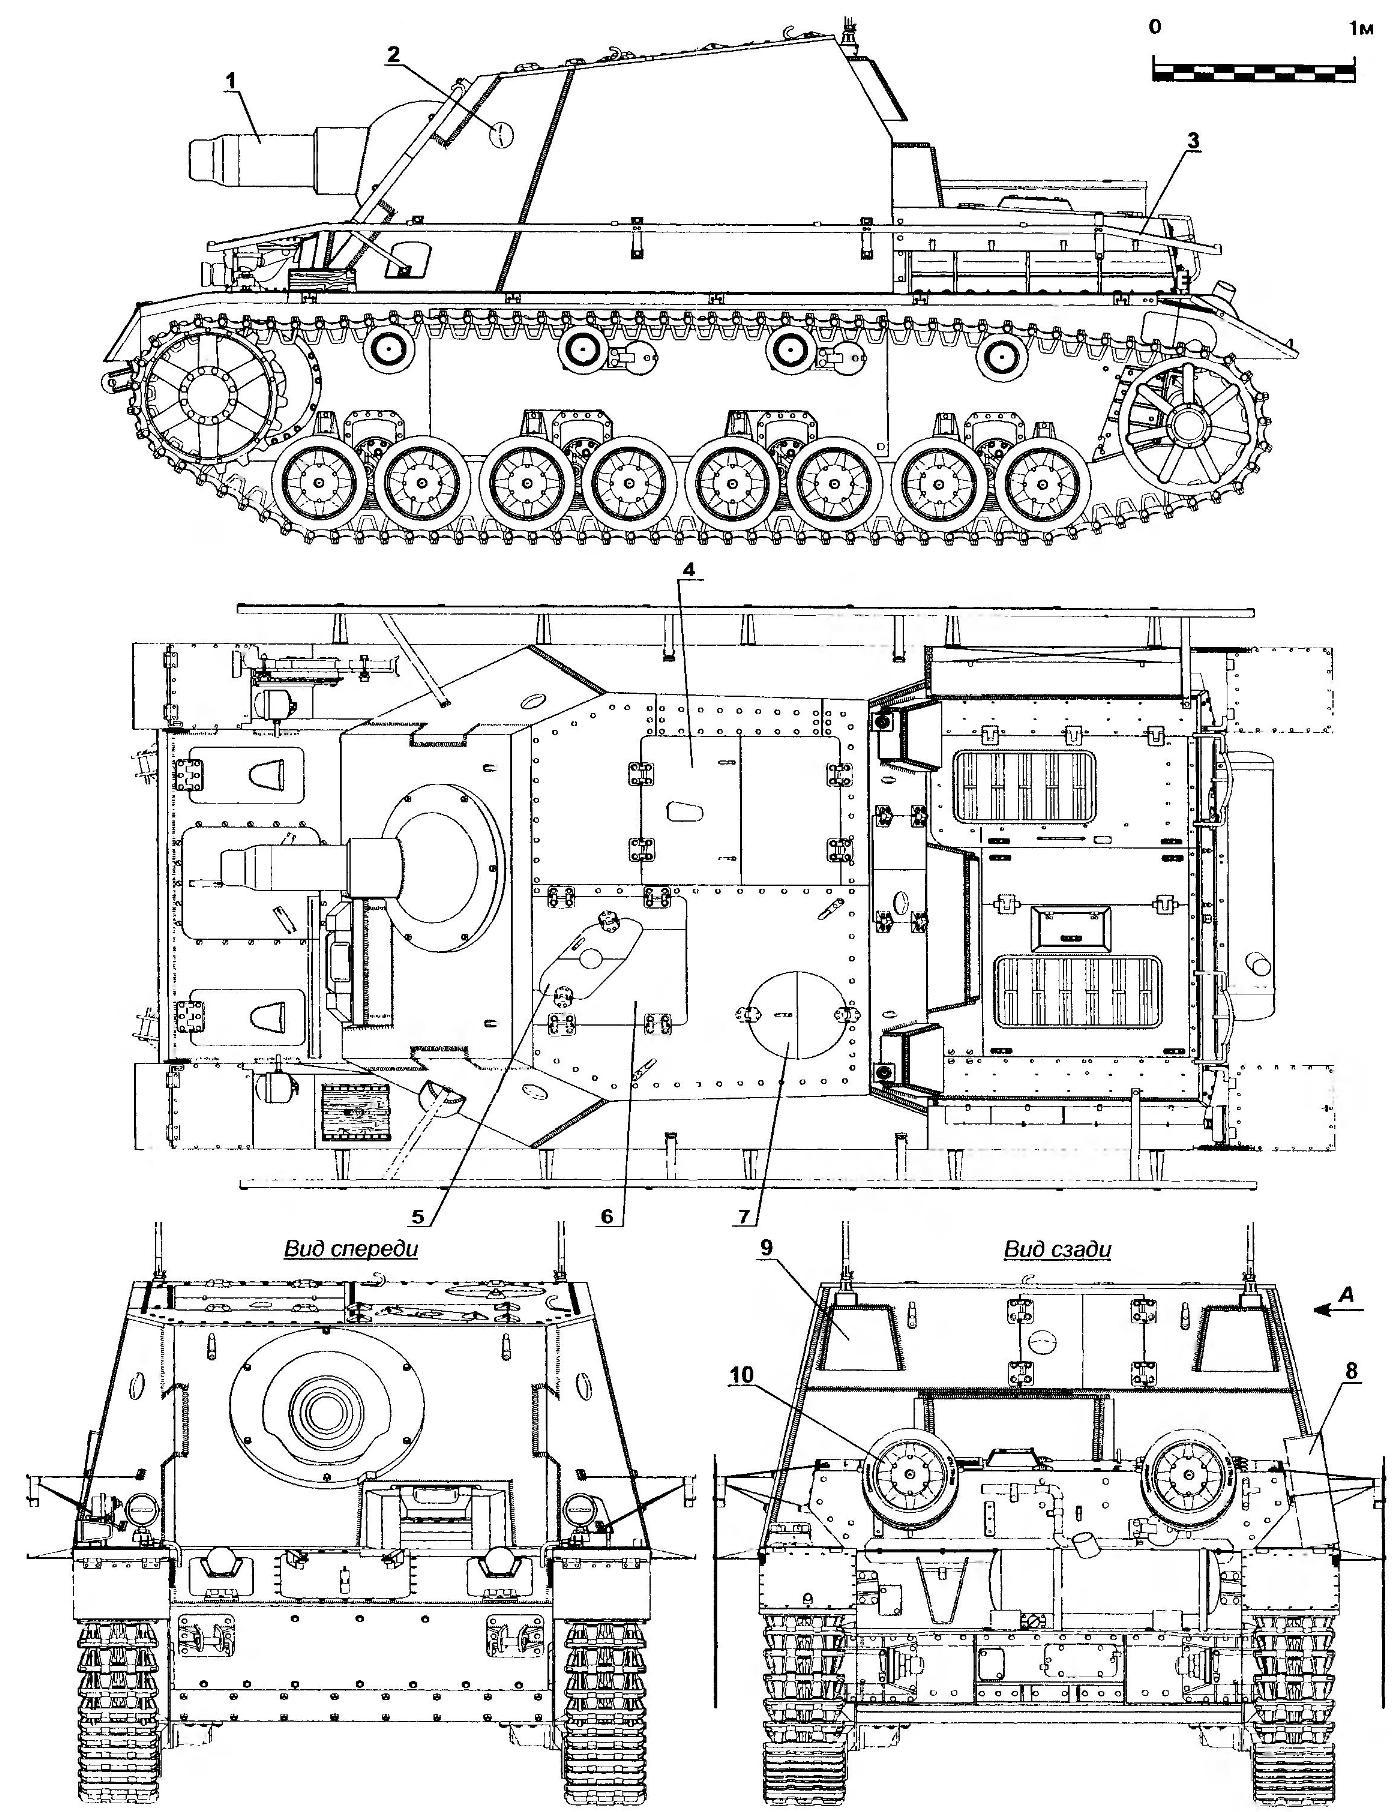 Brummbär assault tank 1-series